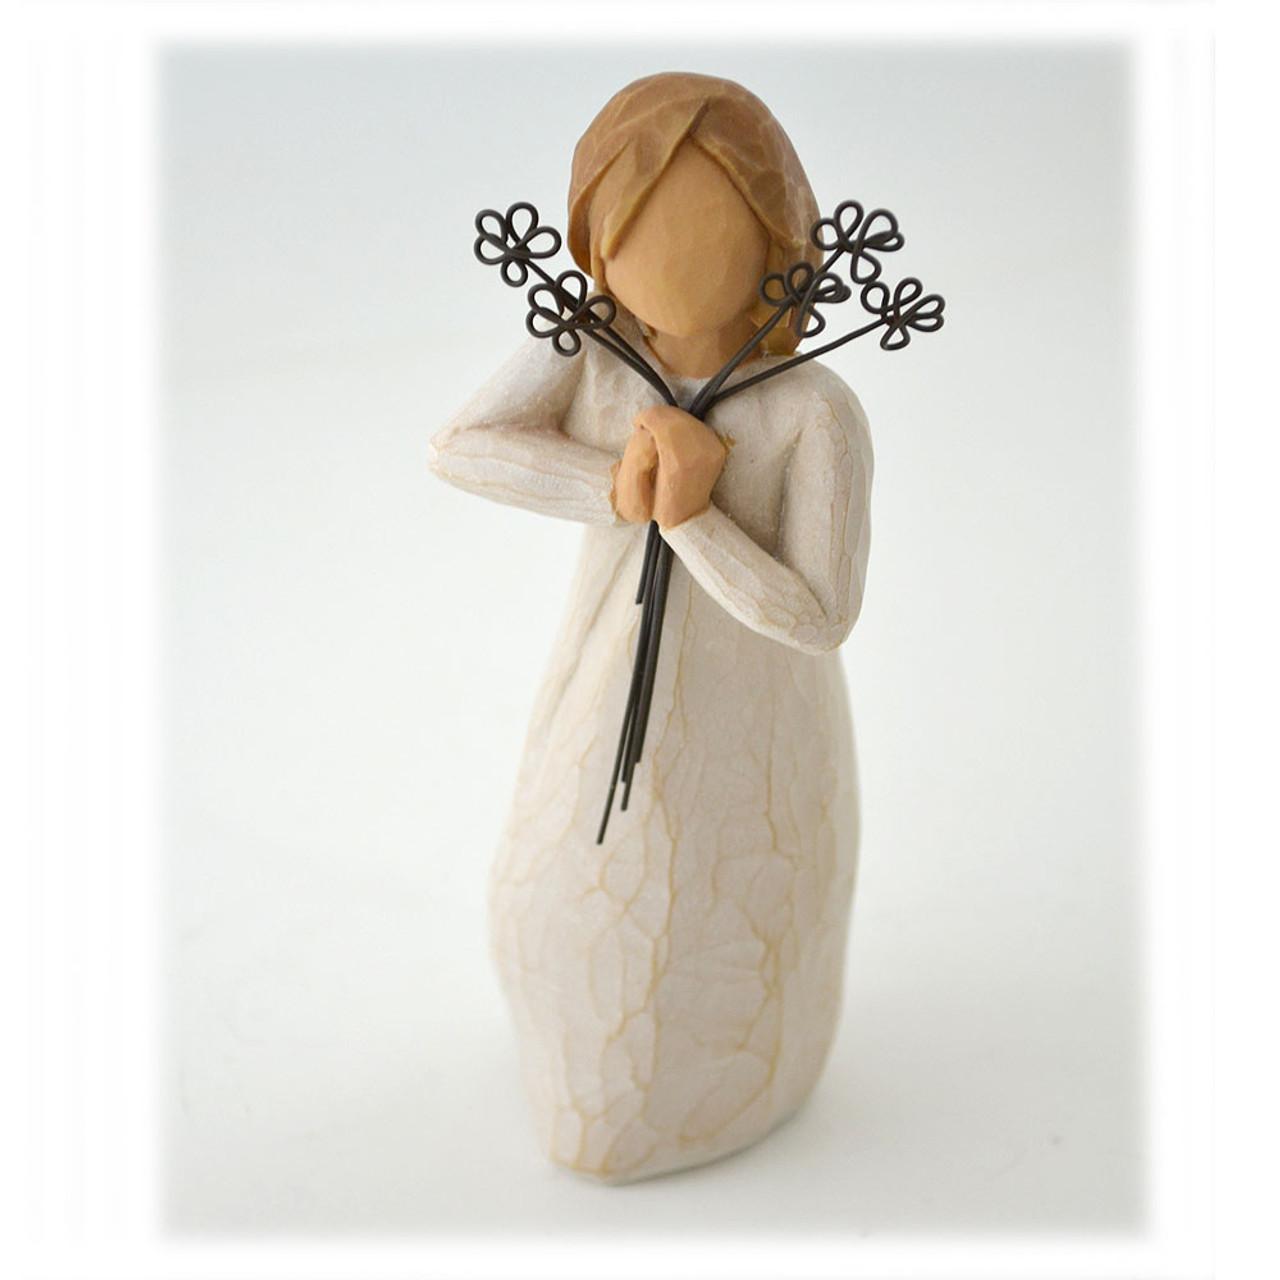 Friendship Willow Tree Figurine W/Metal Flowers